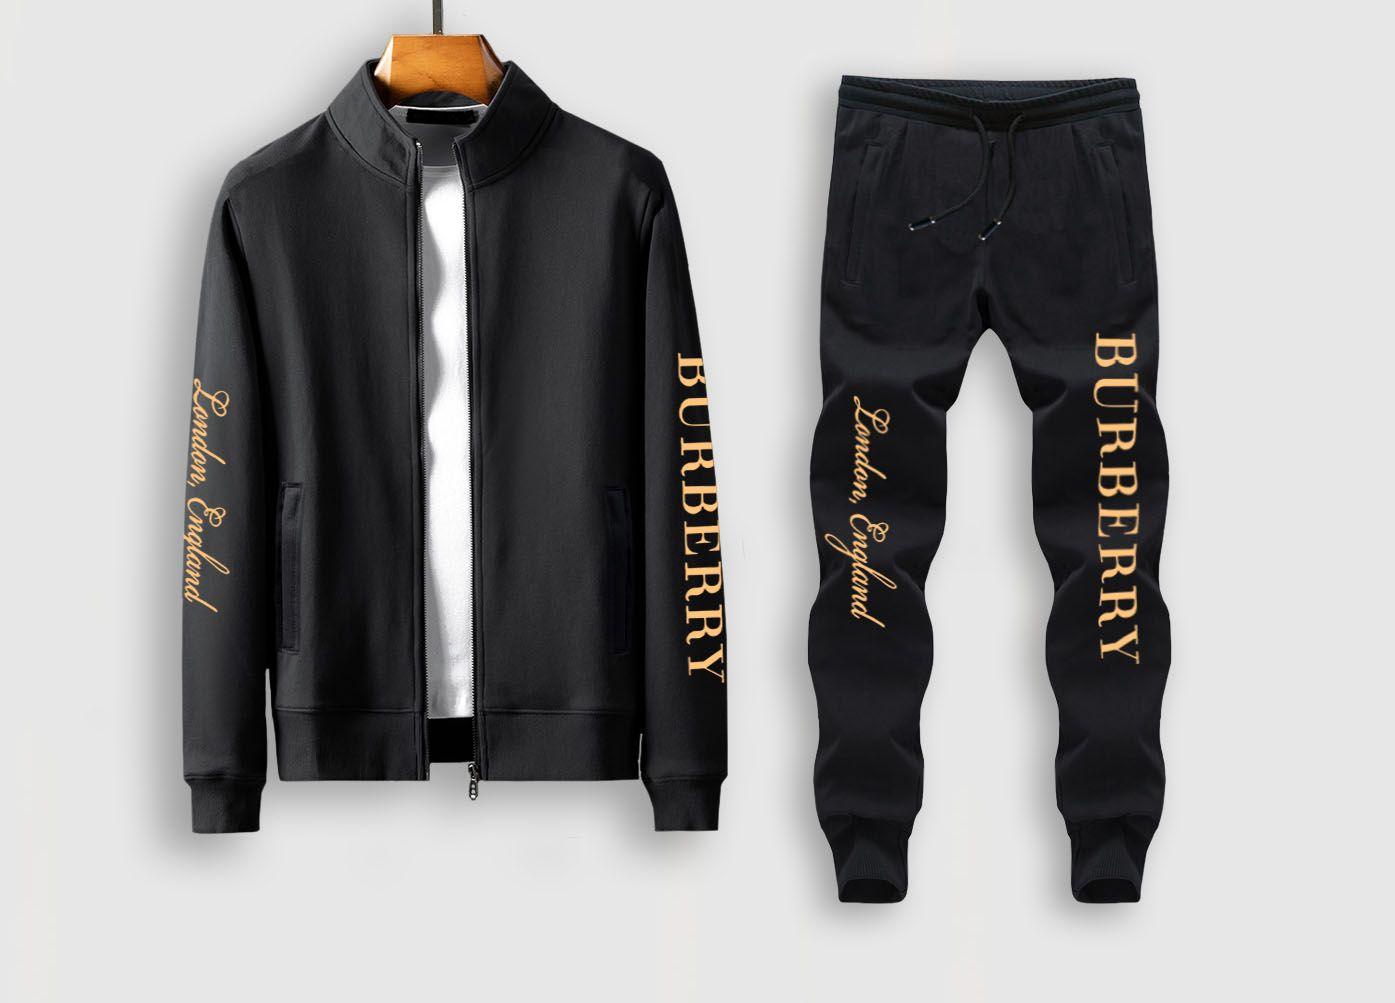 Paris Herbst Herren Designer Sportswear Brief Print Jogginganzug Langarm lässig Paar Medusa Sportswear Set